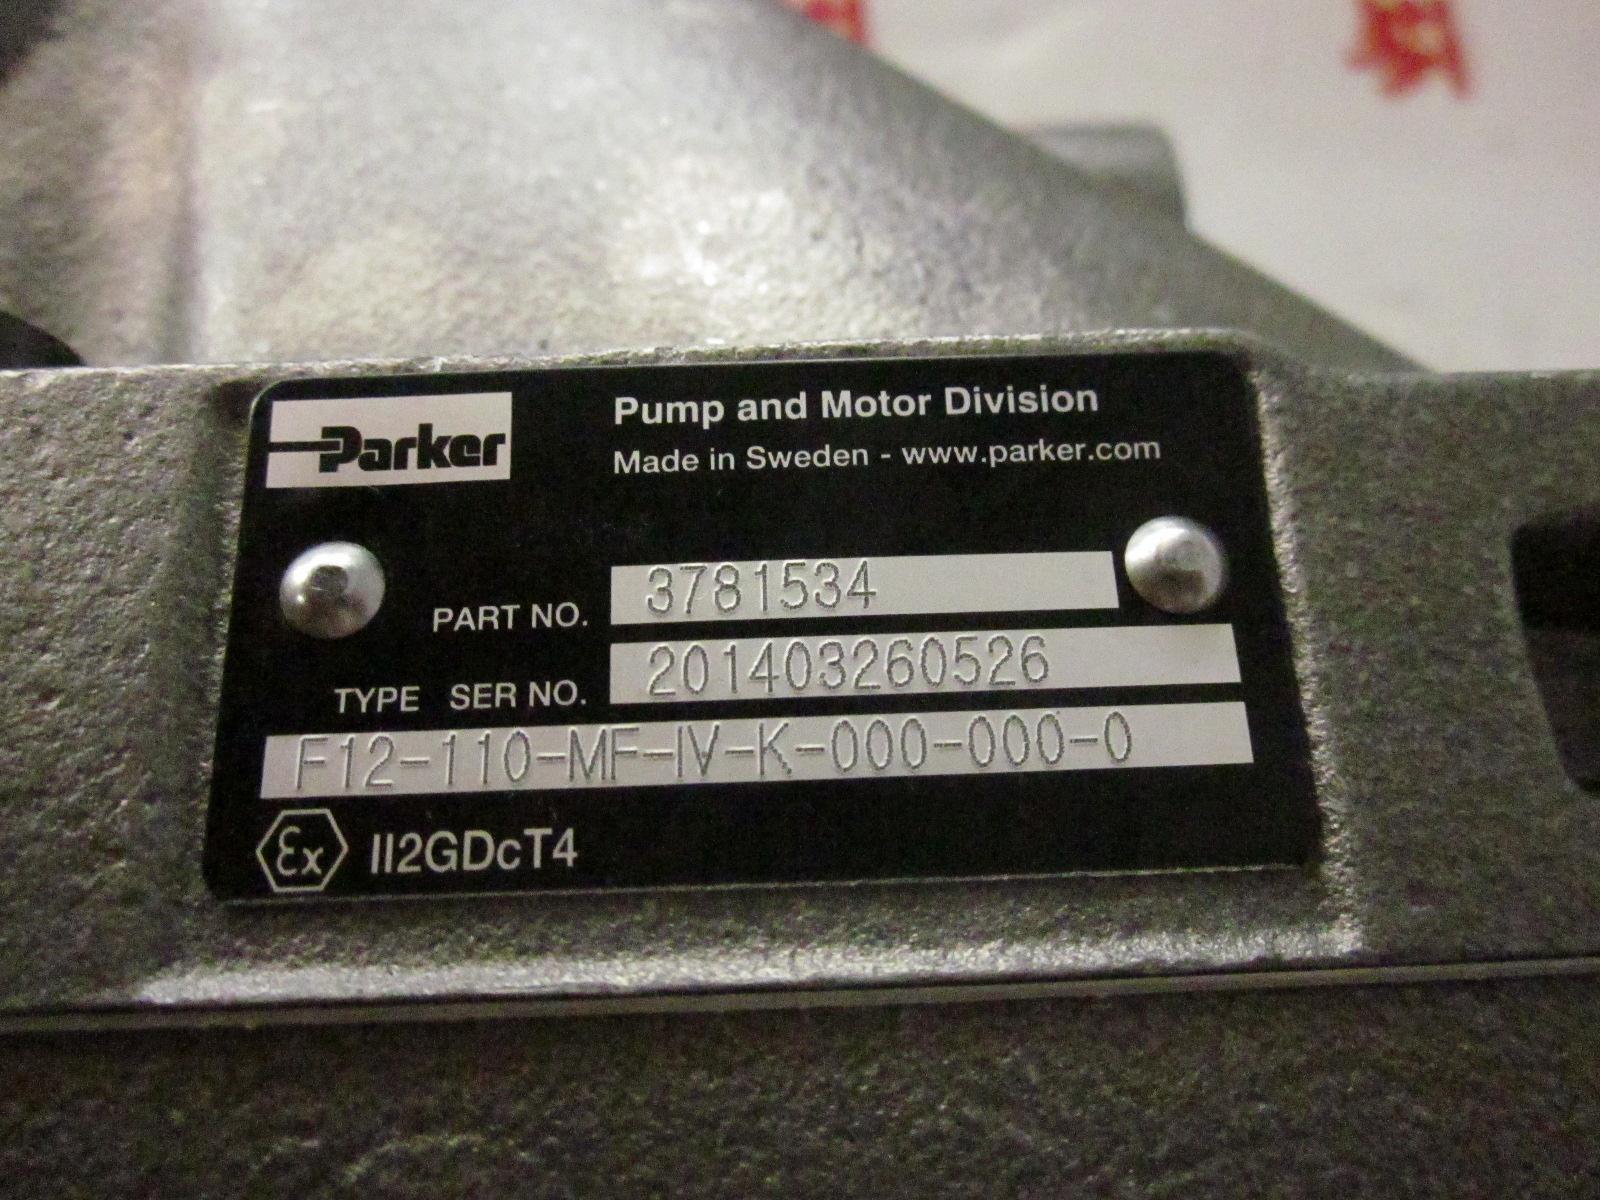 3785731 F12-110-MF-IV-Z-000-0000-00 马达